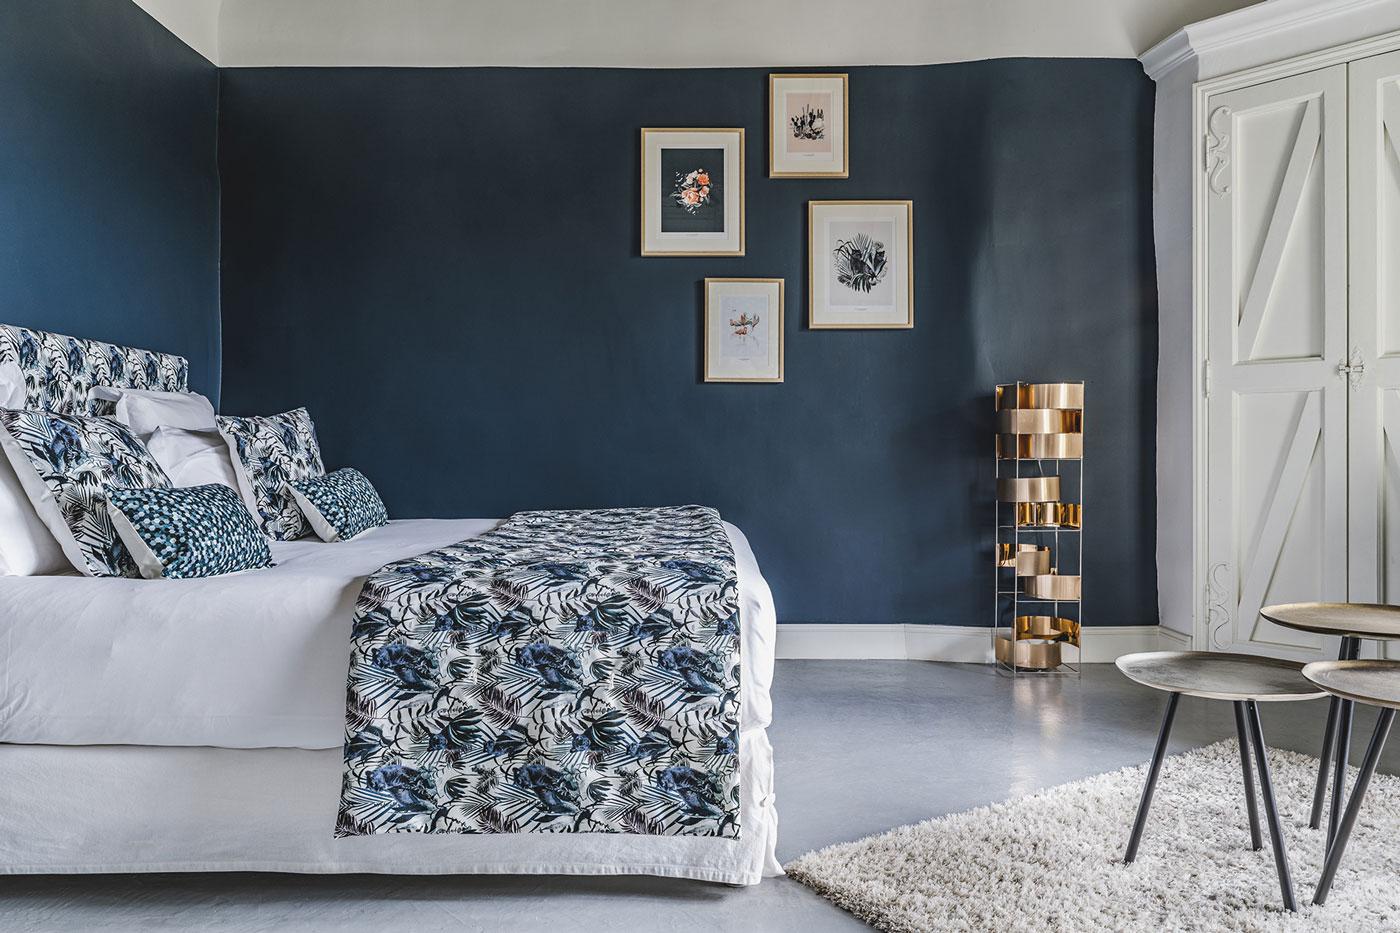 la calade une chambre sign e maison baluchon id es d co meubles et int rieurs design. Black Bedroom Furniture Sets. Home Design Ideas